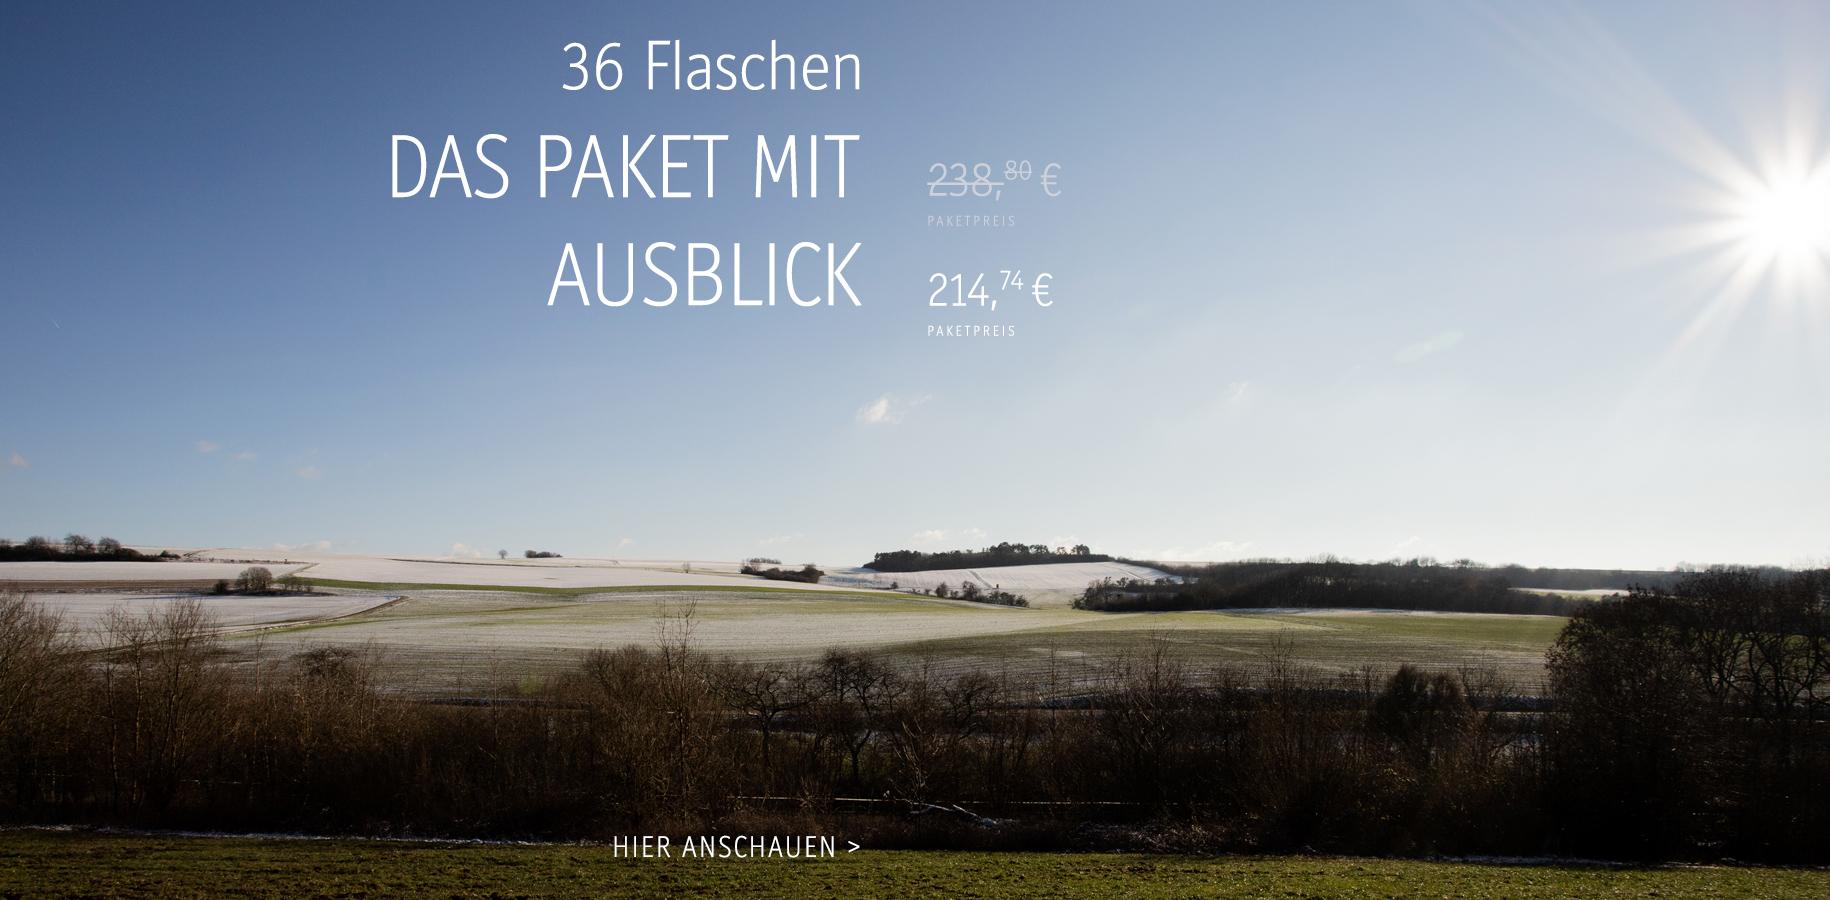 Das Paket mit Ausblick, 214,74€ für 36 Fl. (inkl. Versandkosten)